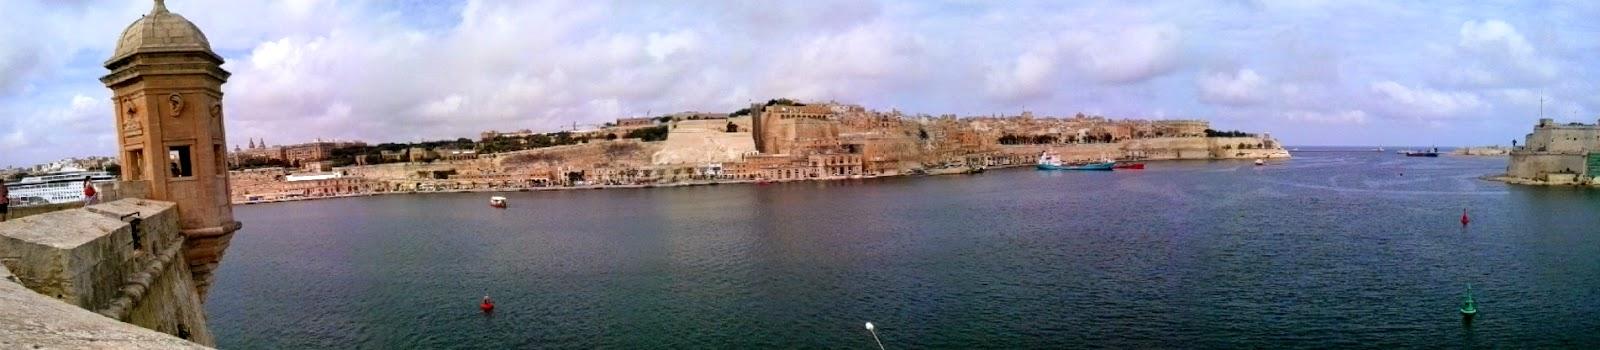 Malta. Malte. Il-Bet Valletta. La Valeta. L-Isla. Senglea. Invicta